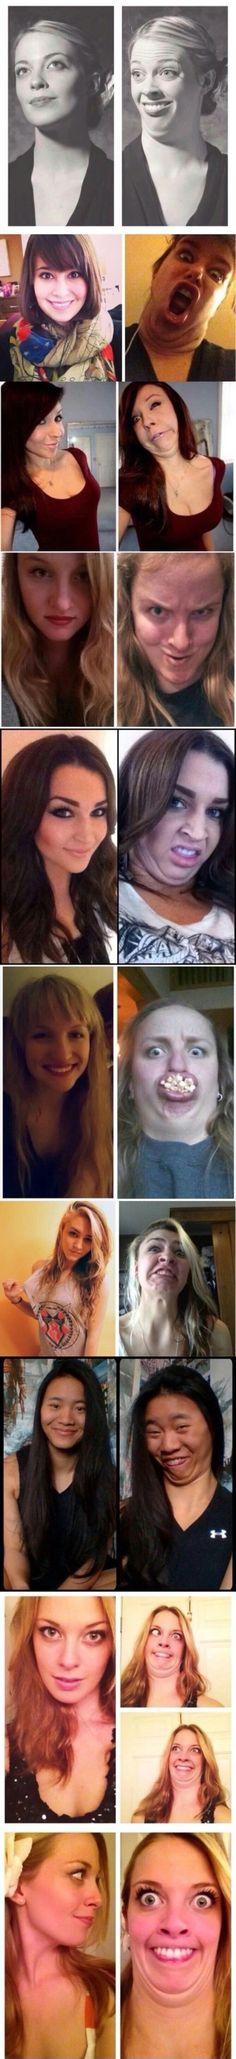 Ladies who laugh. #Imgur